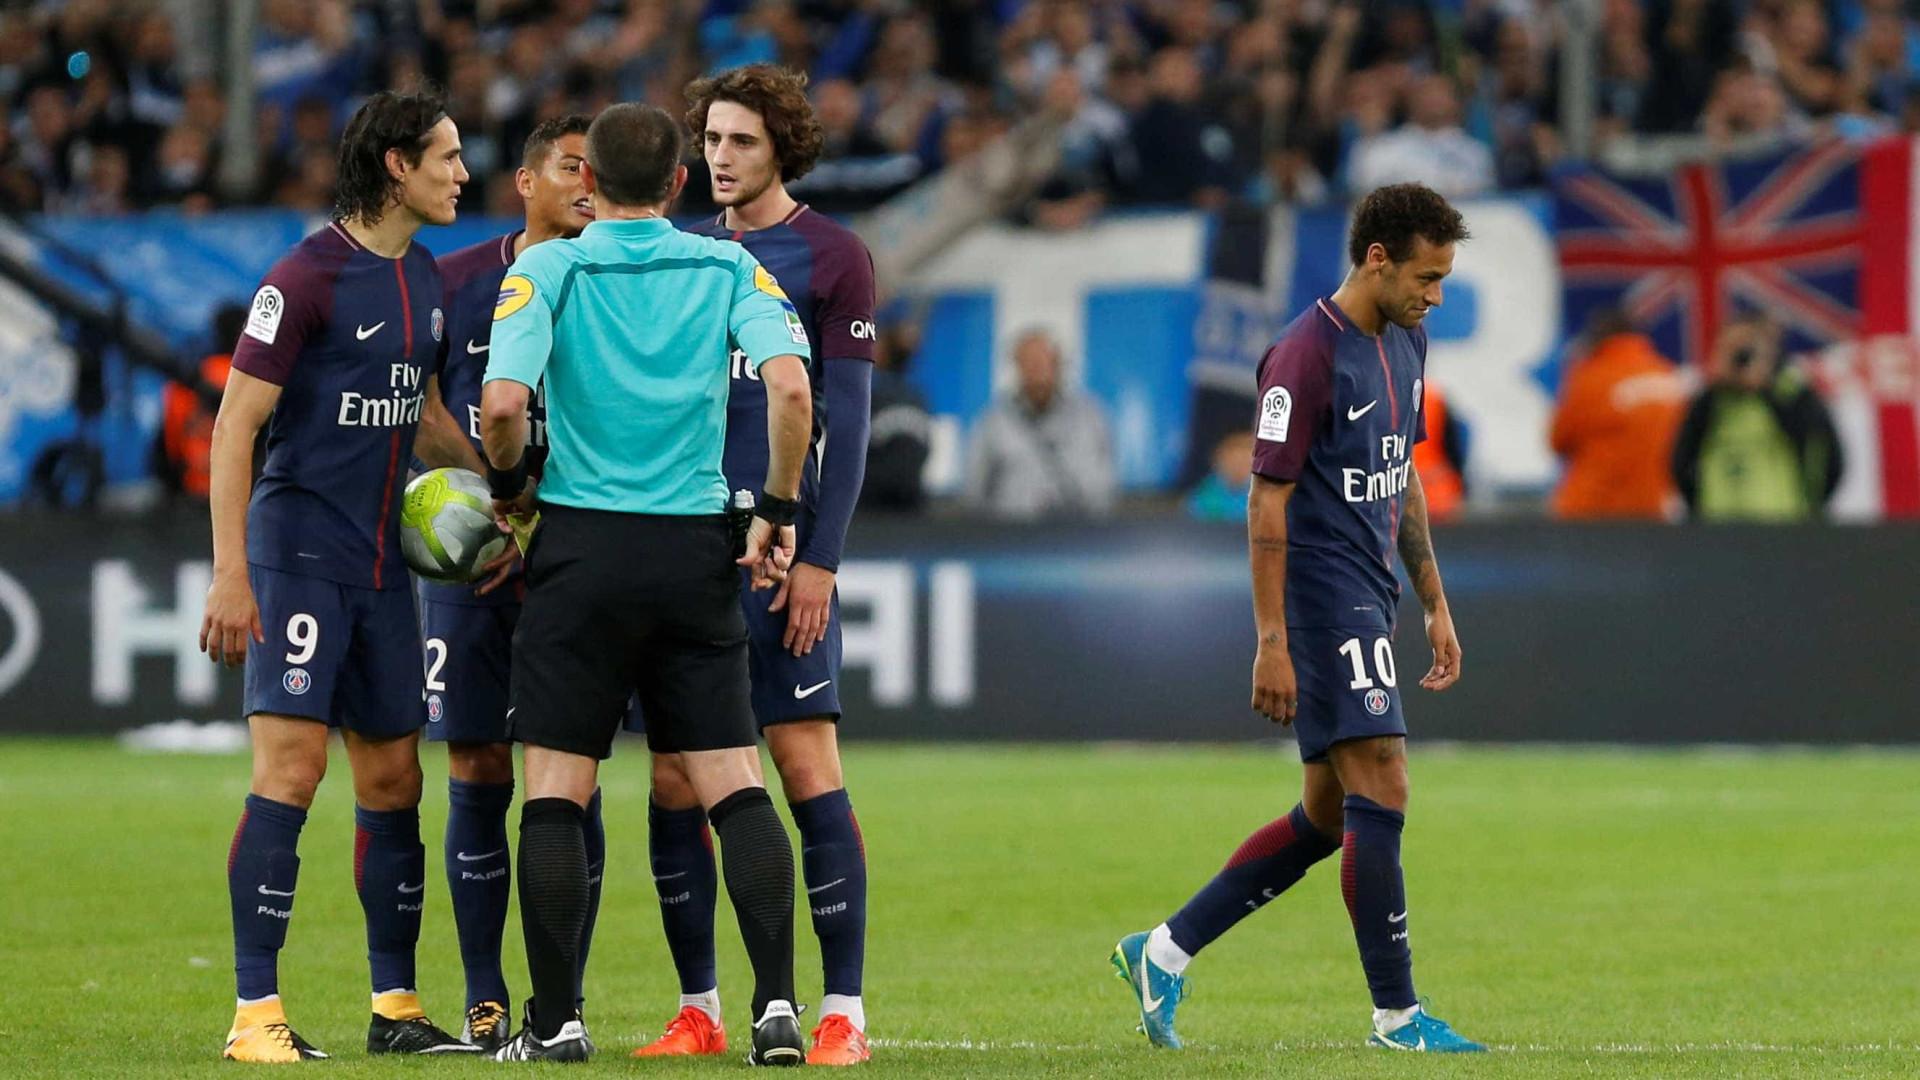 Neymar detona árbitro após ser expulso de jogo do PSG: 'Quis aparecer'